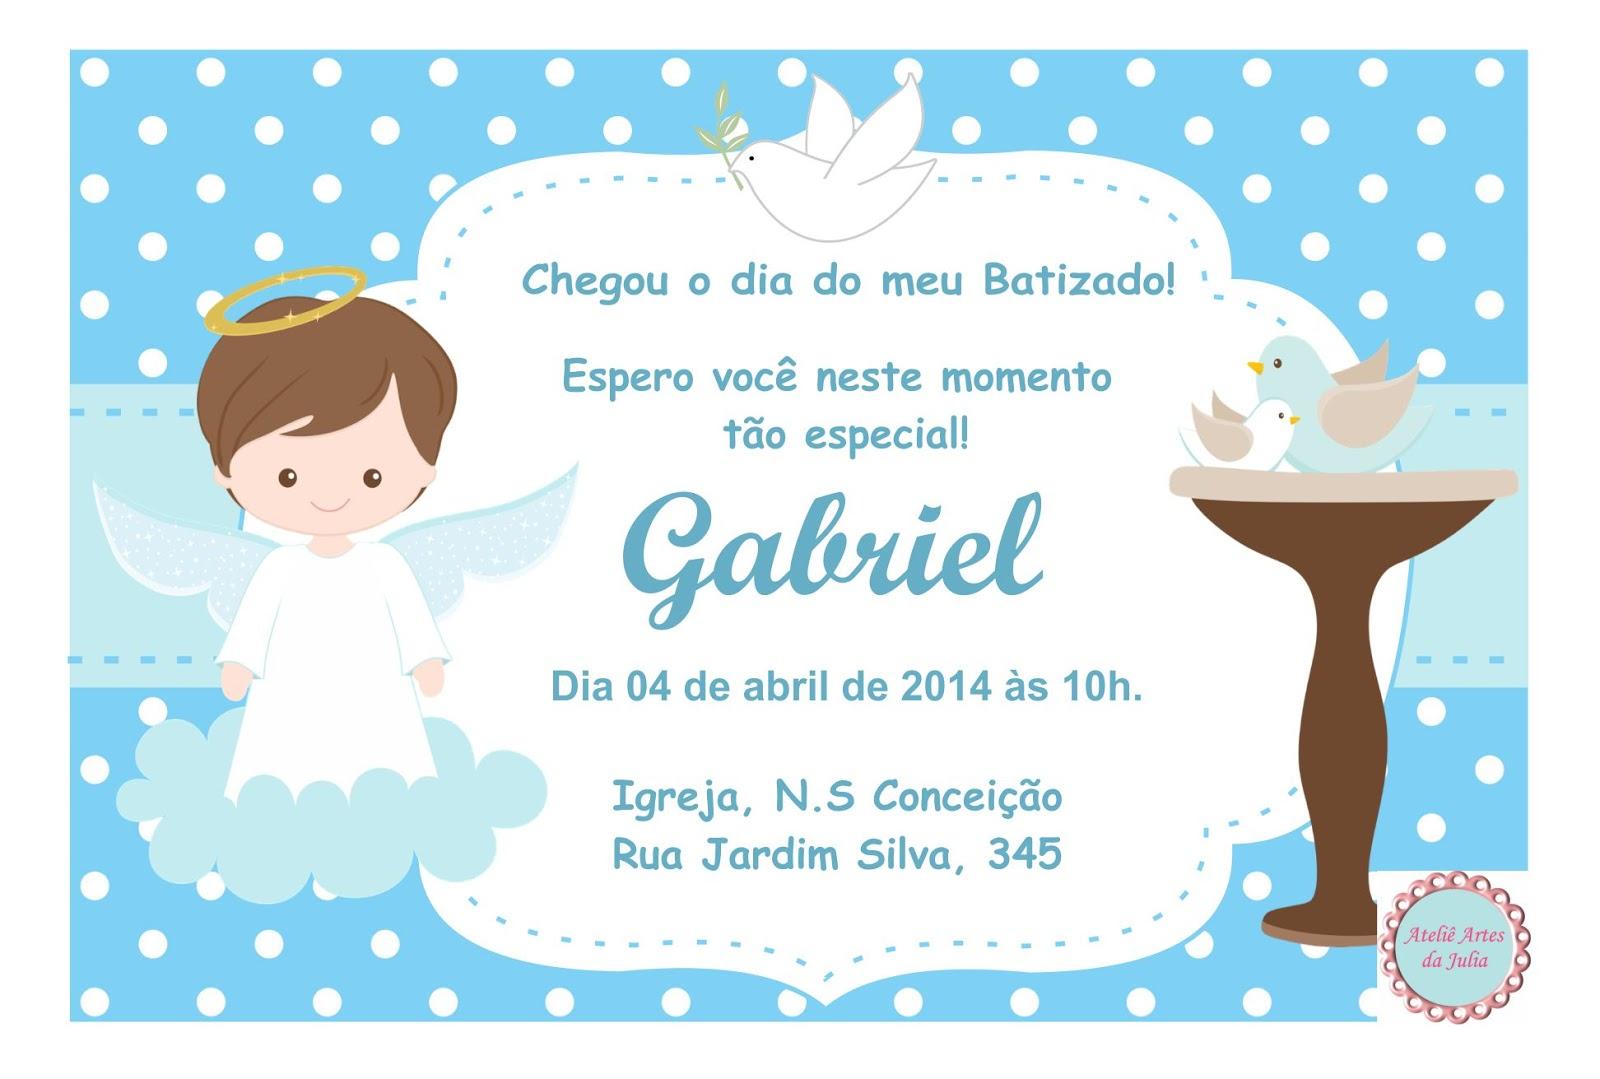 Sm instrutoras convites de batizado feito com fundo po convites de batizado feito com fundo po atividade extra 2 thecheapjerseys Choice Image